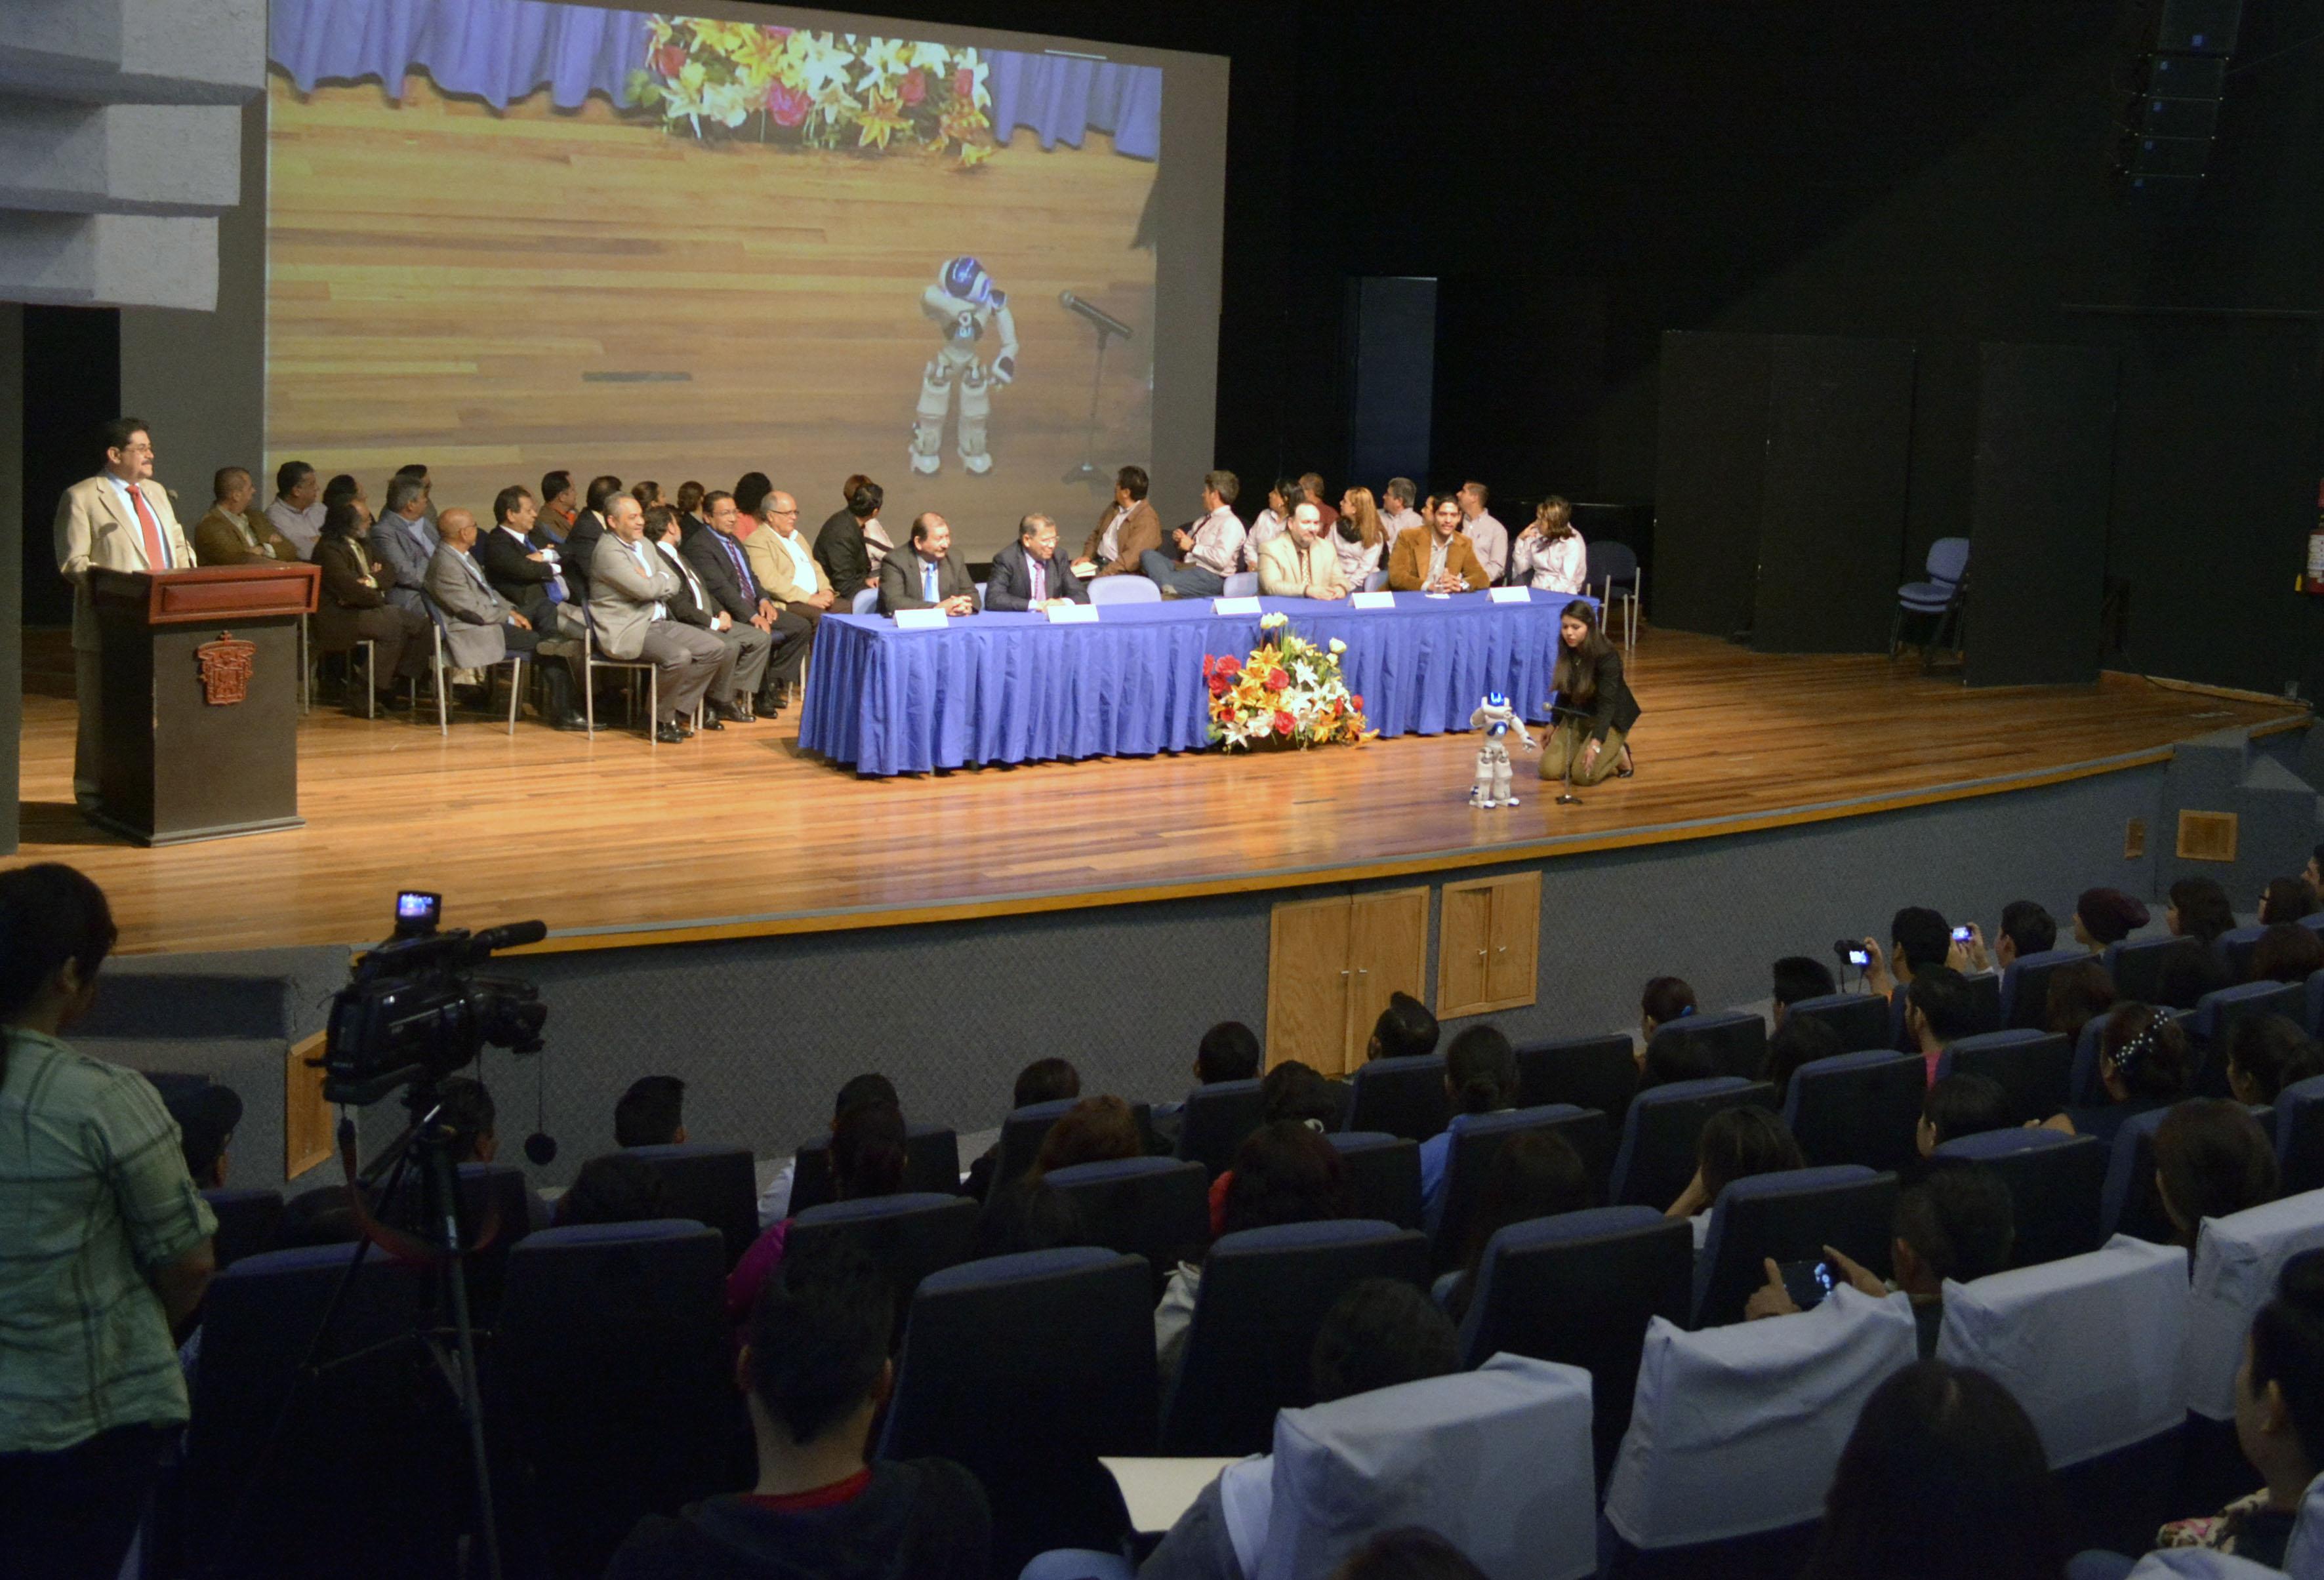 Presidium en la presentación del robot para estudiantes en CUCSUR